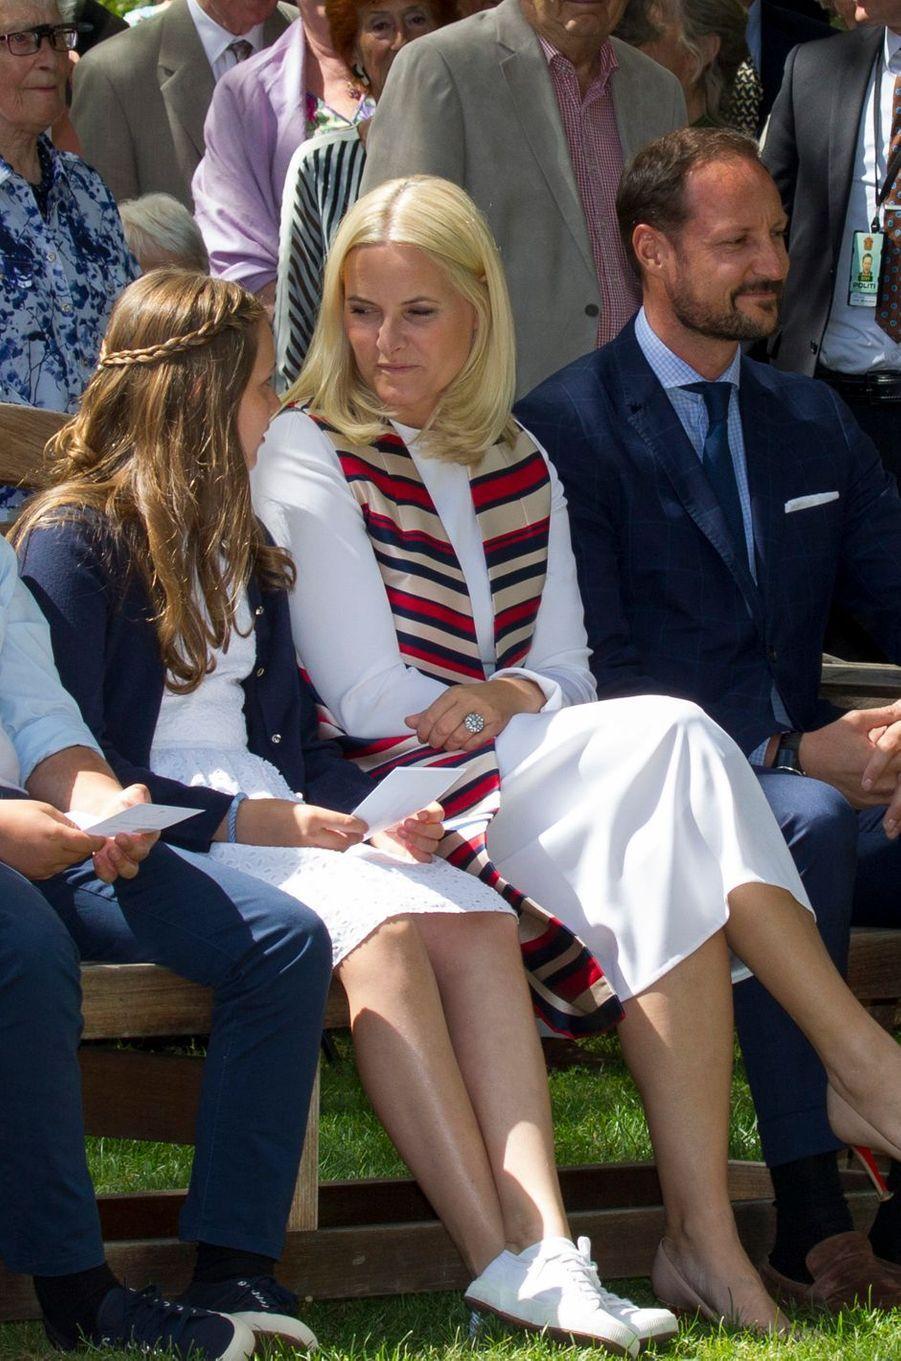 Les princesses Ingrid Alexandra et Mette-Marit et le prince Haakon de Norvège à Oslo, le 4 juillet 2017